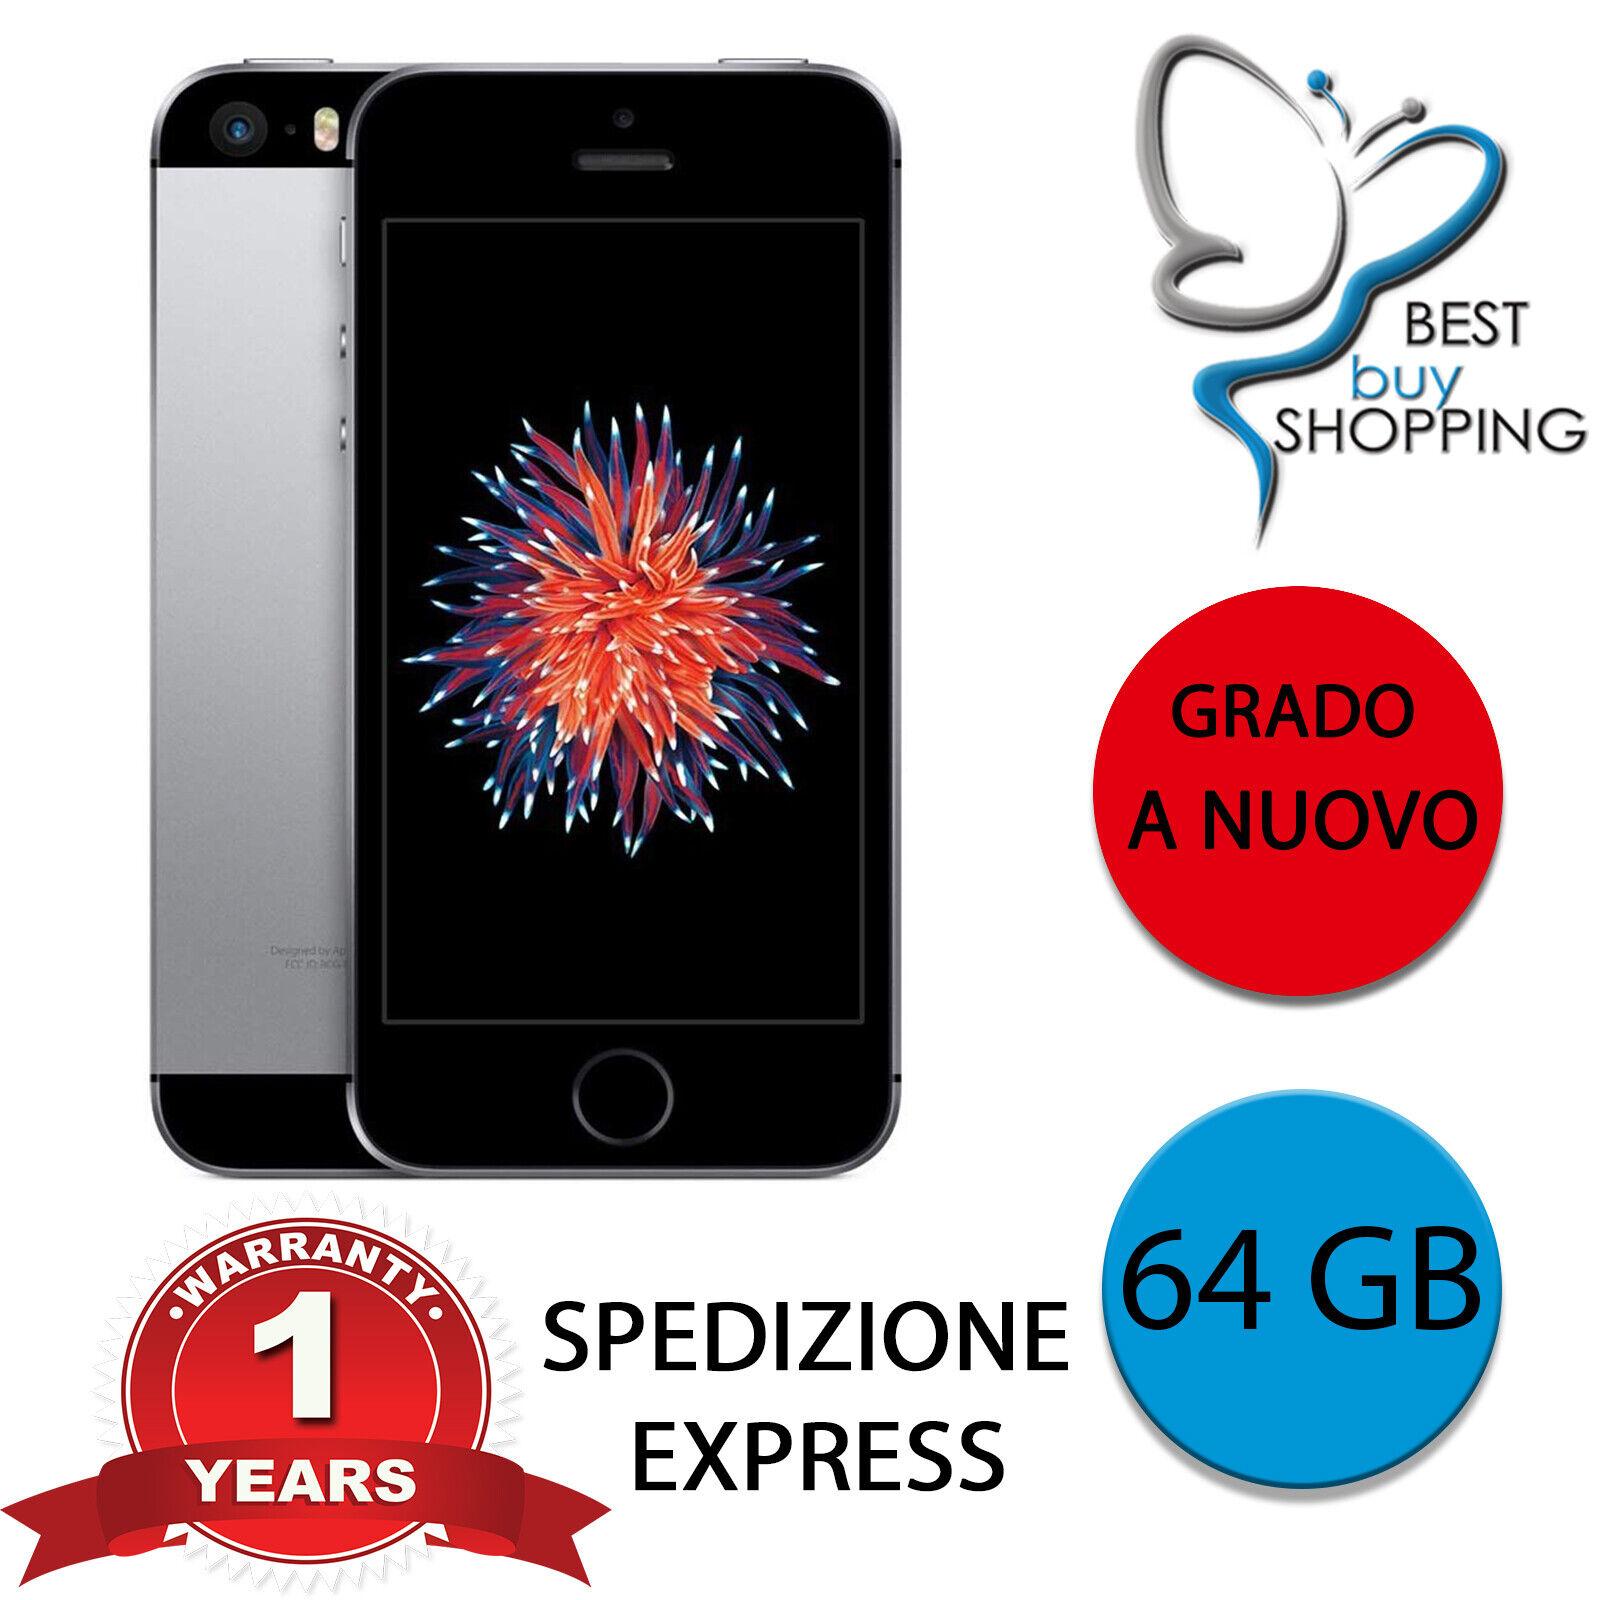 iPhone: IPHONE SE RICONDIZIONATO A NUOVO 64 GB NERO ORIGINALE APPLE + GARANZIA 1 ANNO